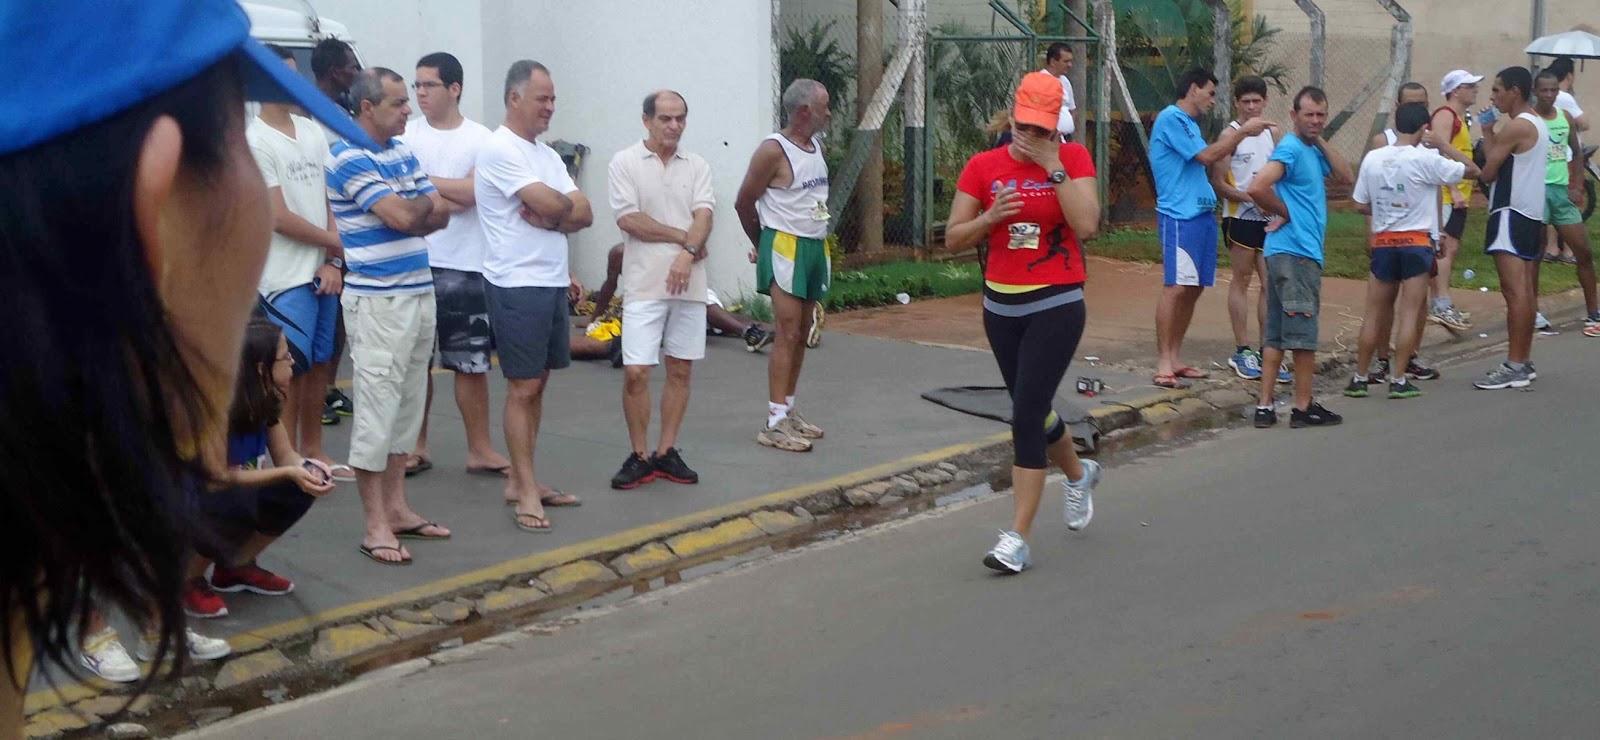 Foto 183 da 1ª Corrida Av. dos Coqueiros em Barretos-SP 14/04/2013 – Atletas cruzando a linha de chegada